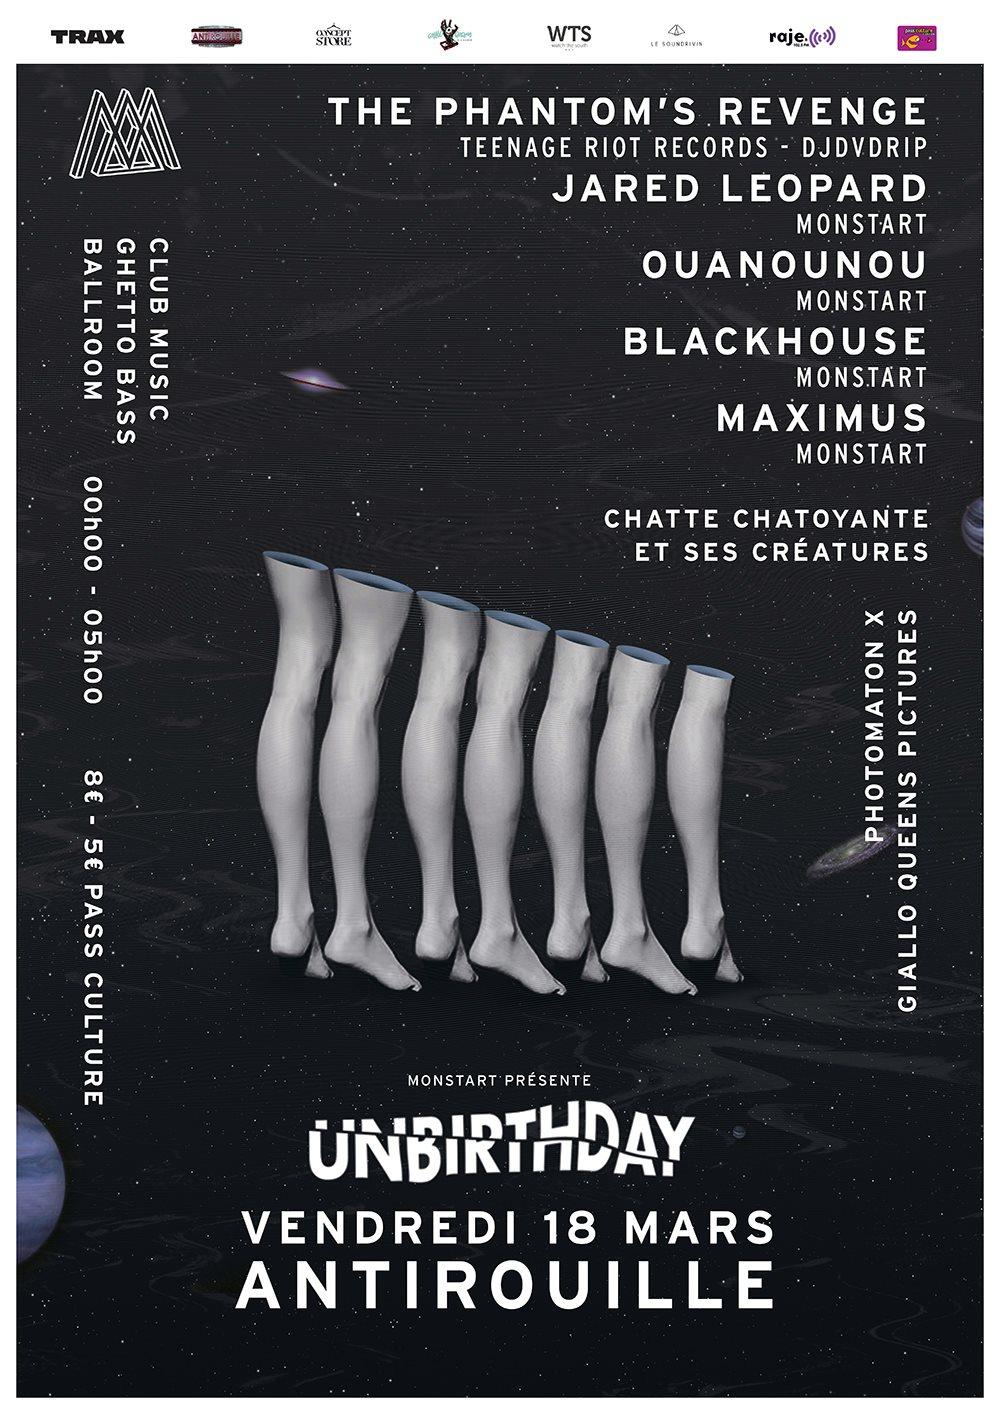 Unbirthday Antirouille